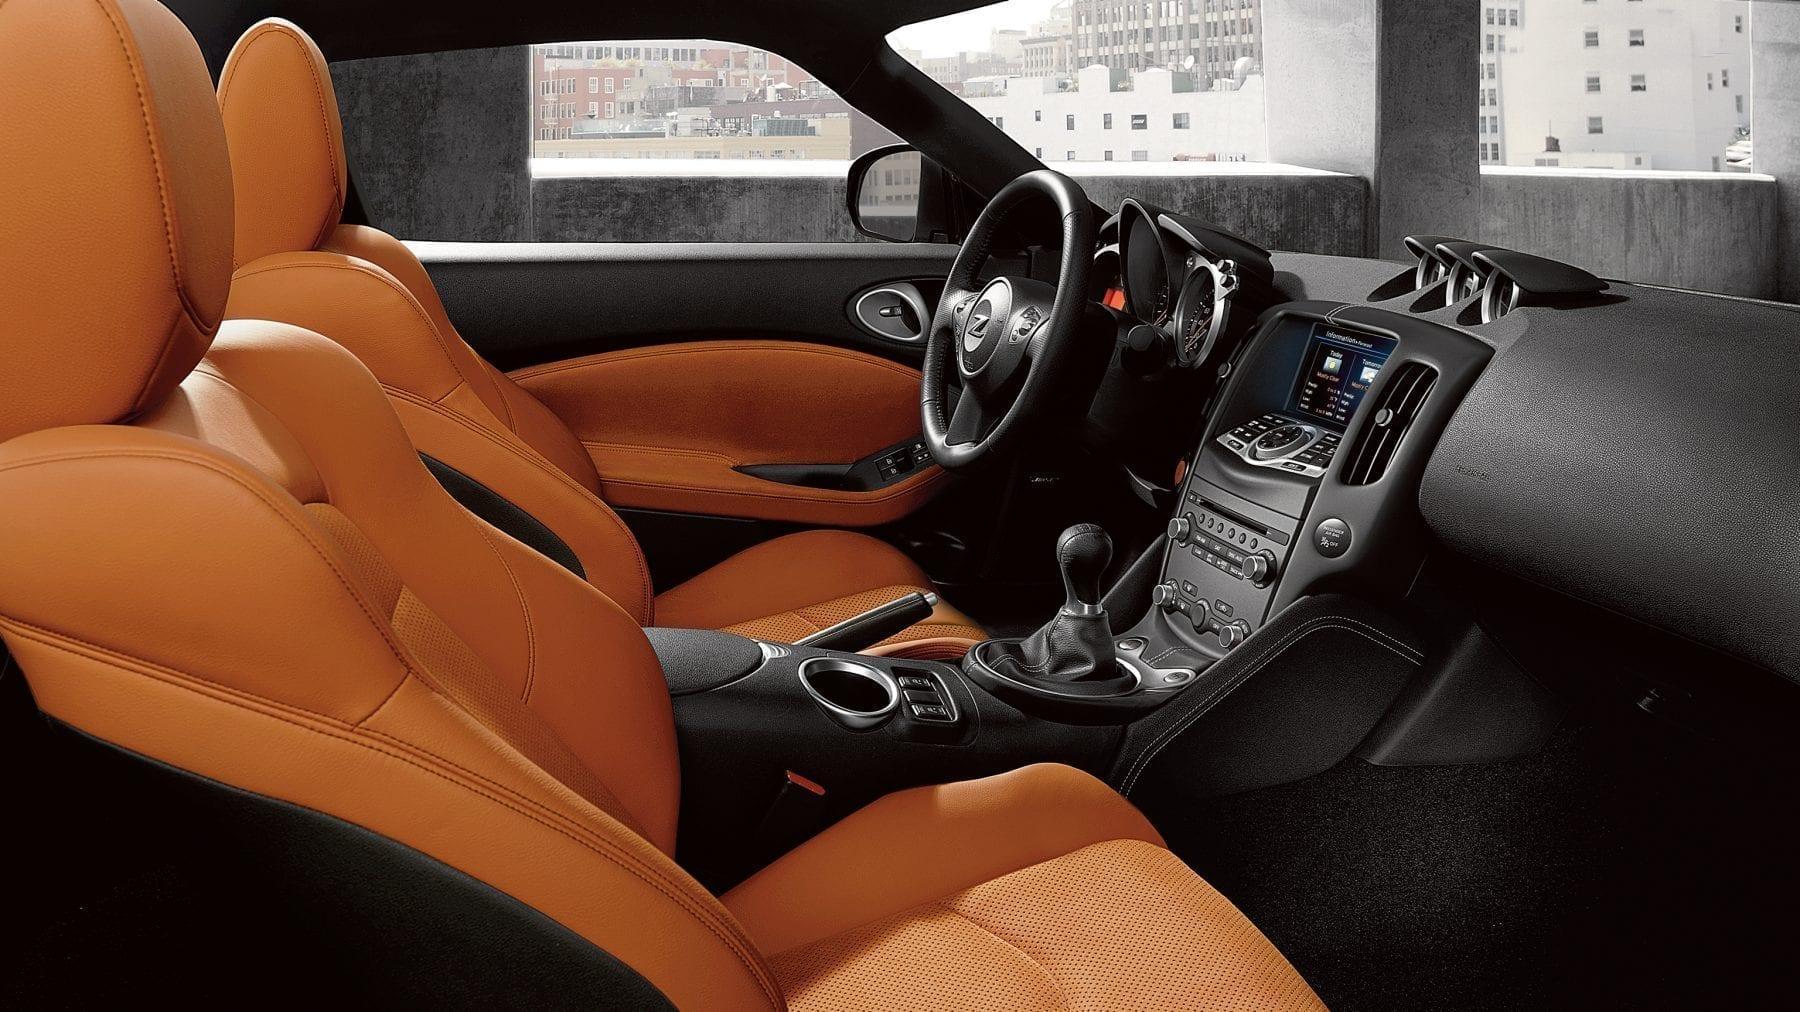 Diseño Interior y medidas del Nissan 370z